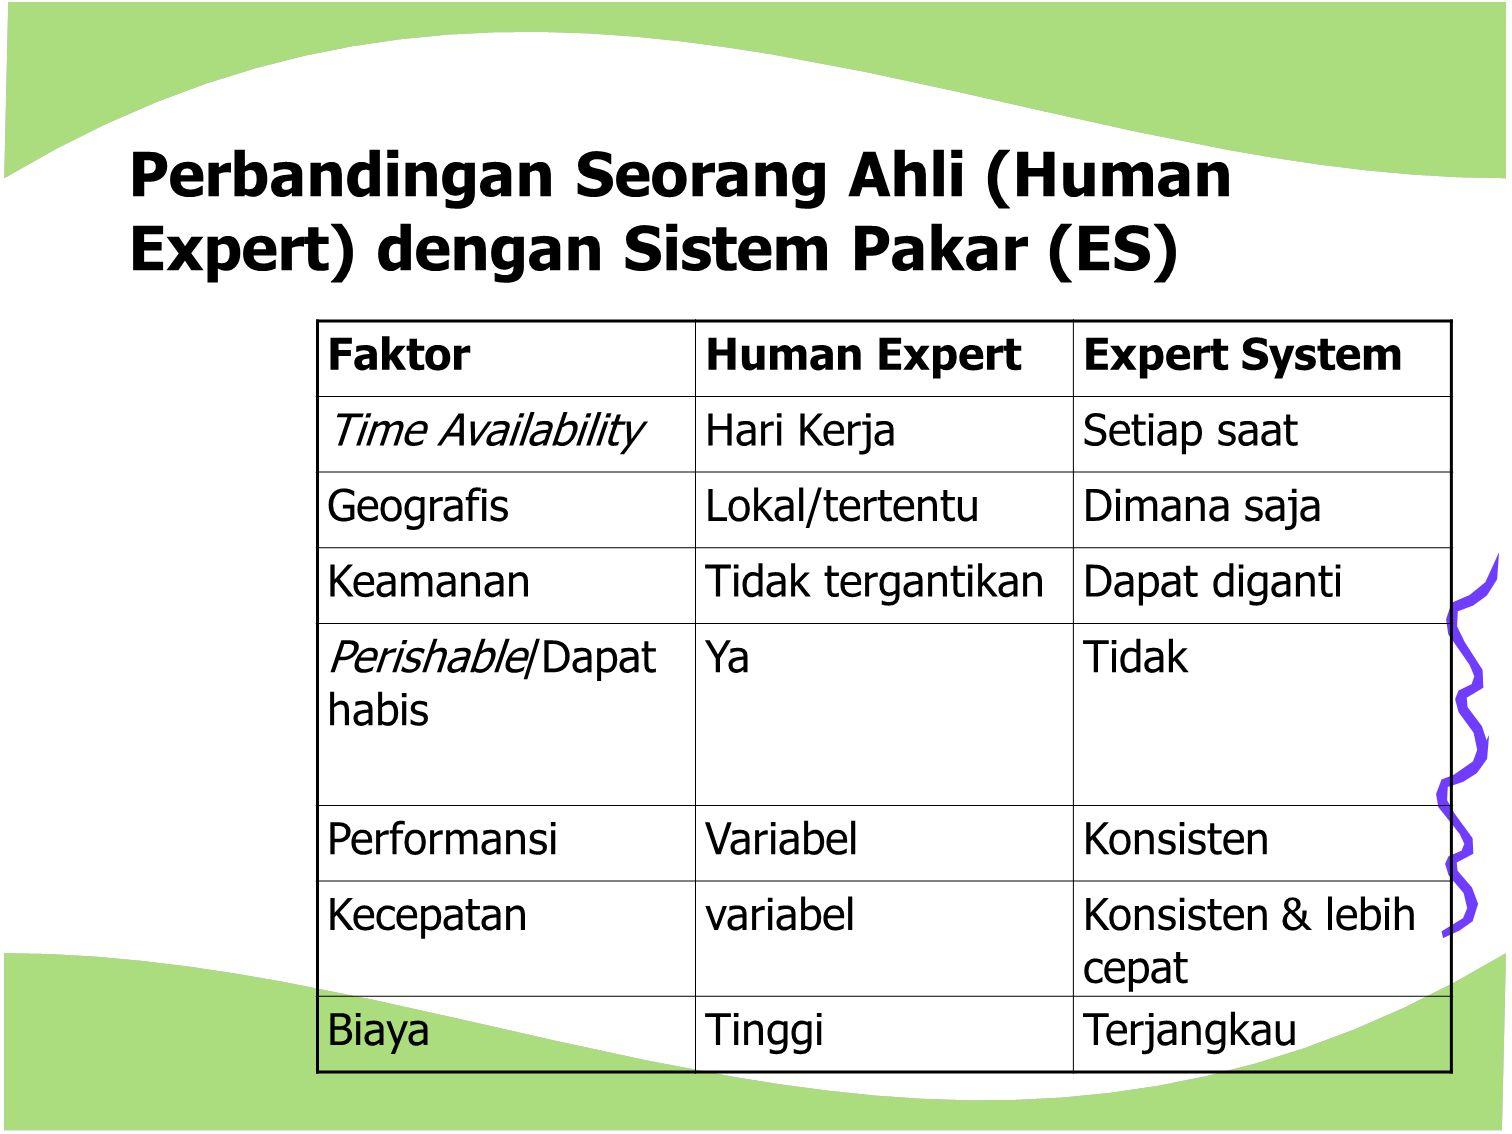 Perbandingan Seorang Ahli (Human Expert) dengan Sistem Pakar (ES)